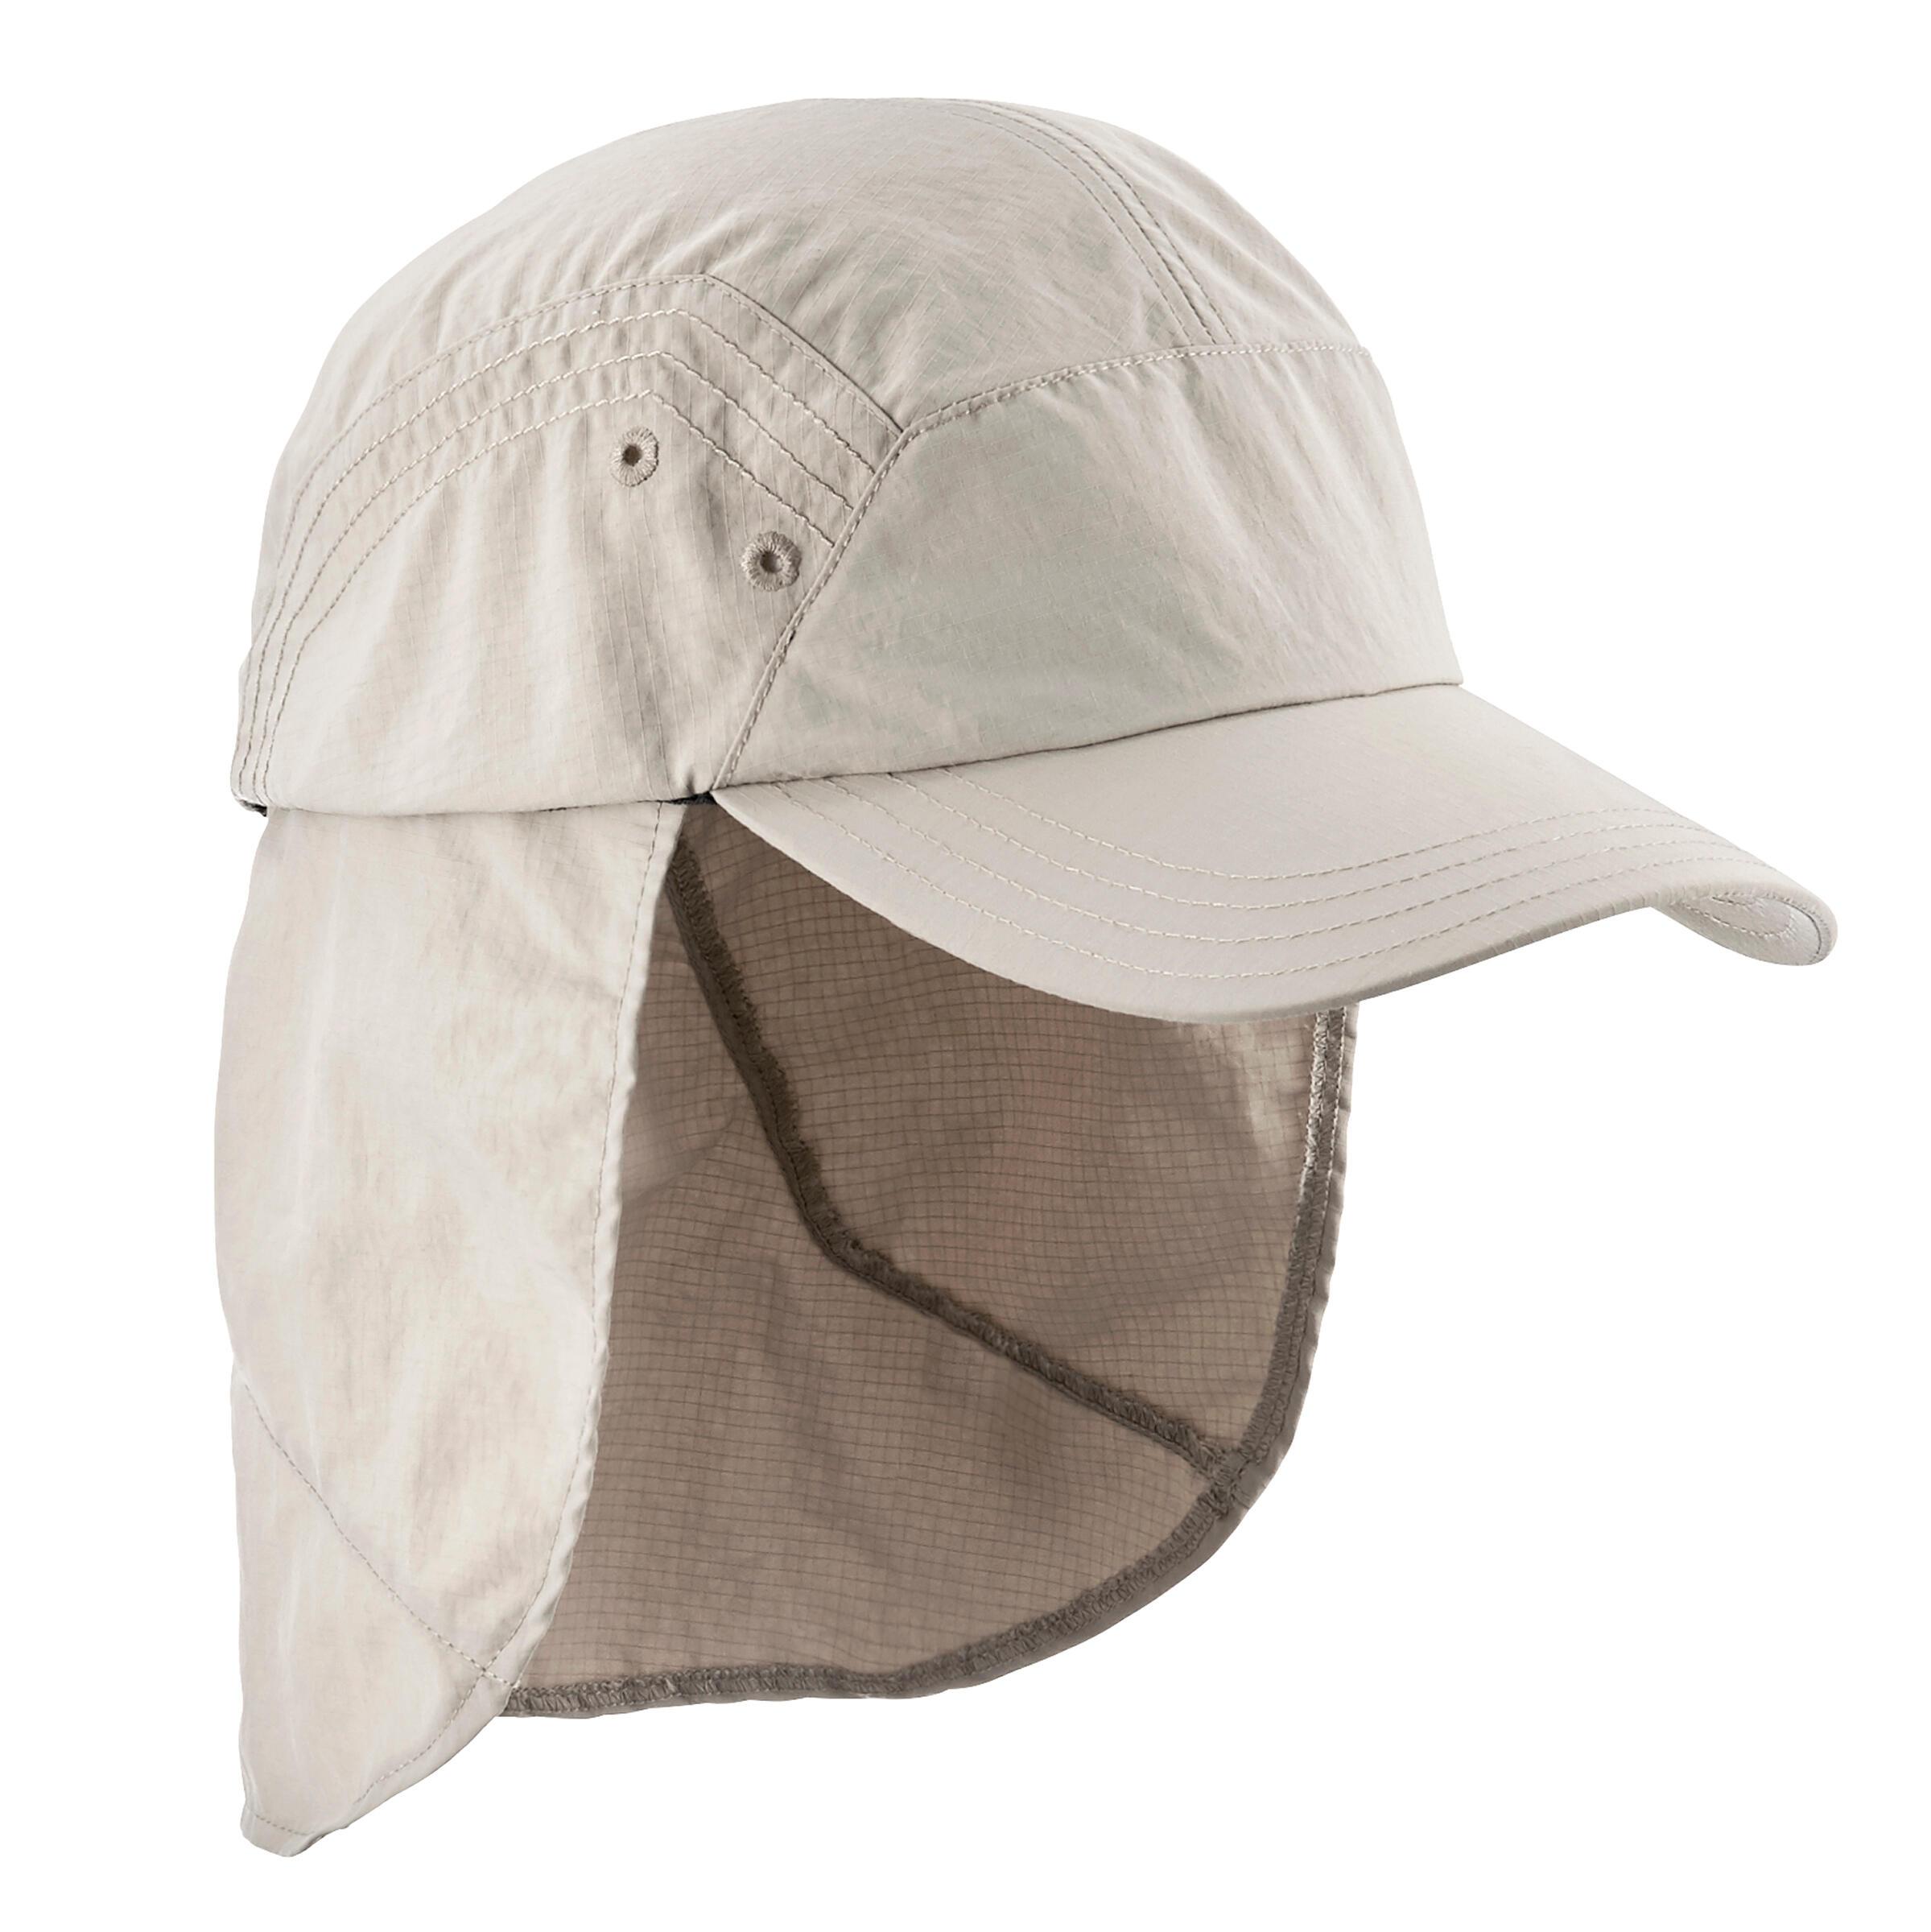 Casquette randonnée désert 500 anti-UV homme beige